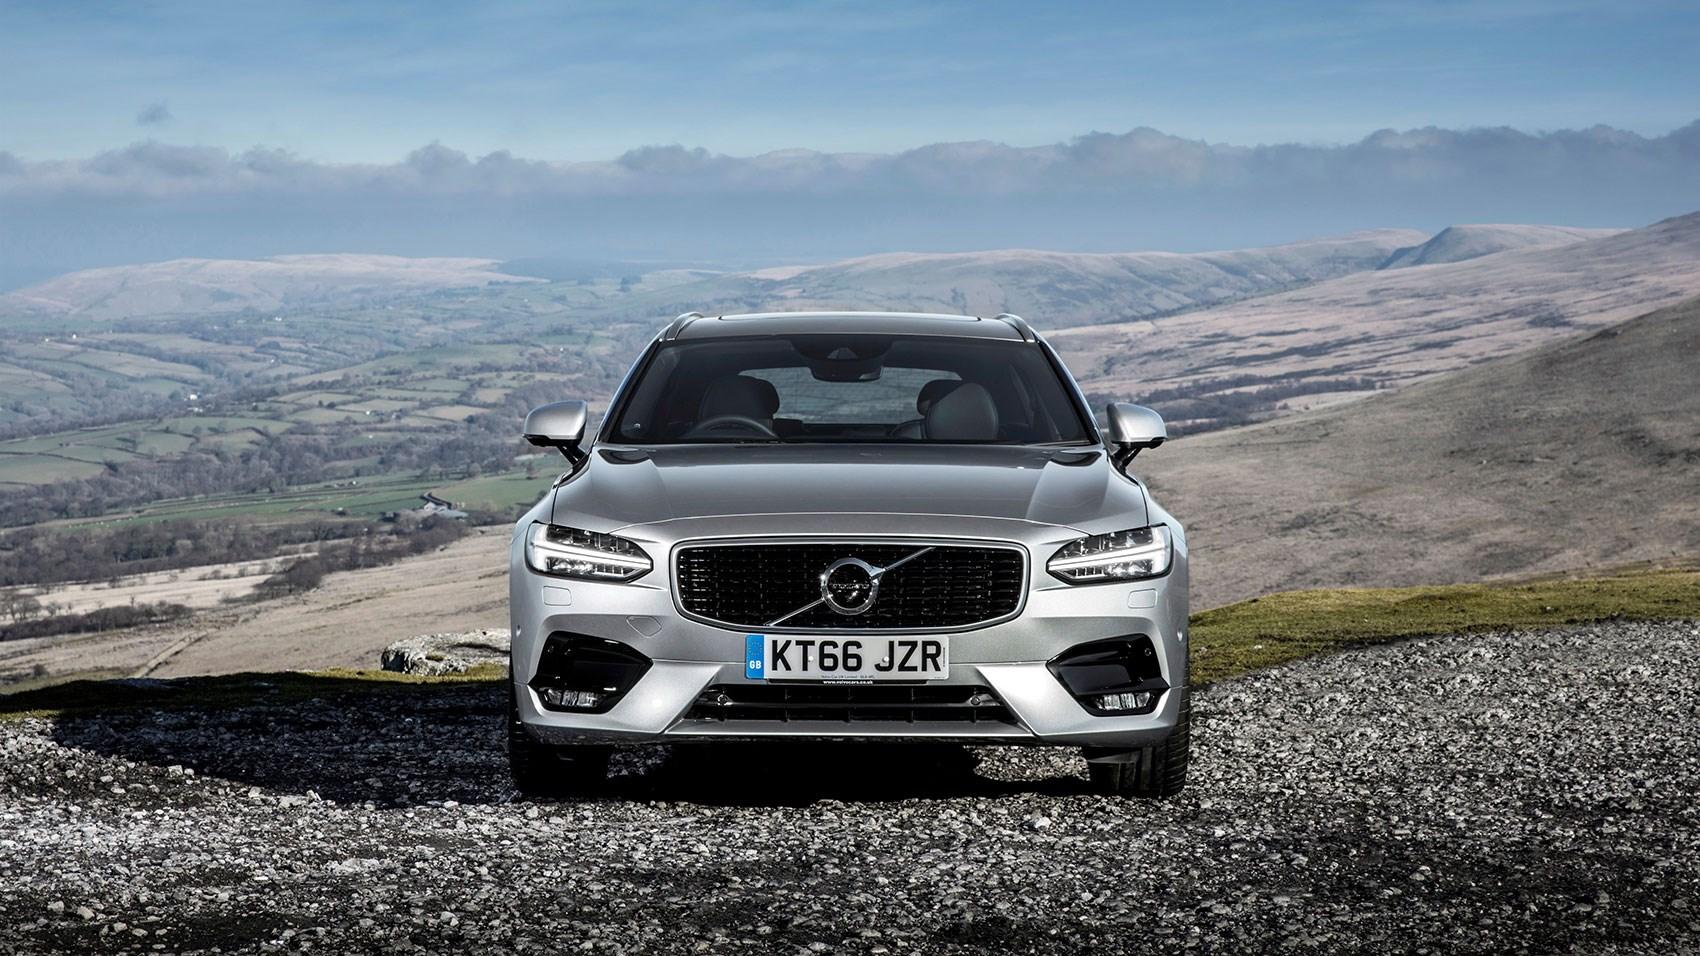 Volvos For Sale >> Volvo V90 D5 PowerPulse AWD R-Design (2017) review | CAR ...